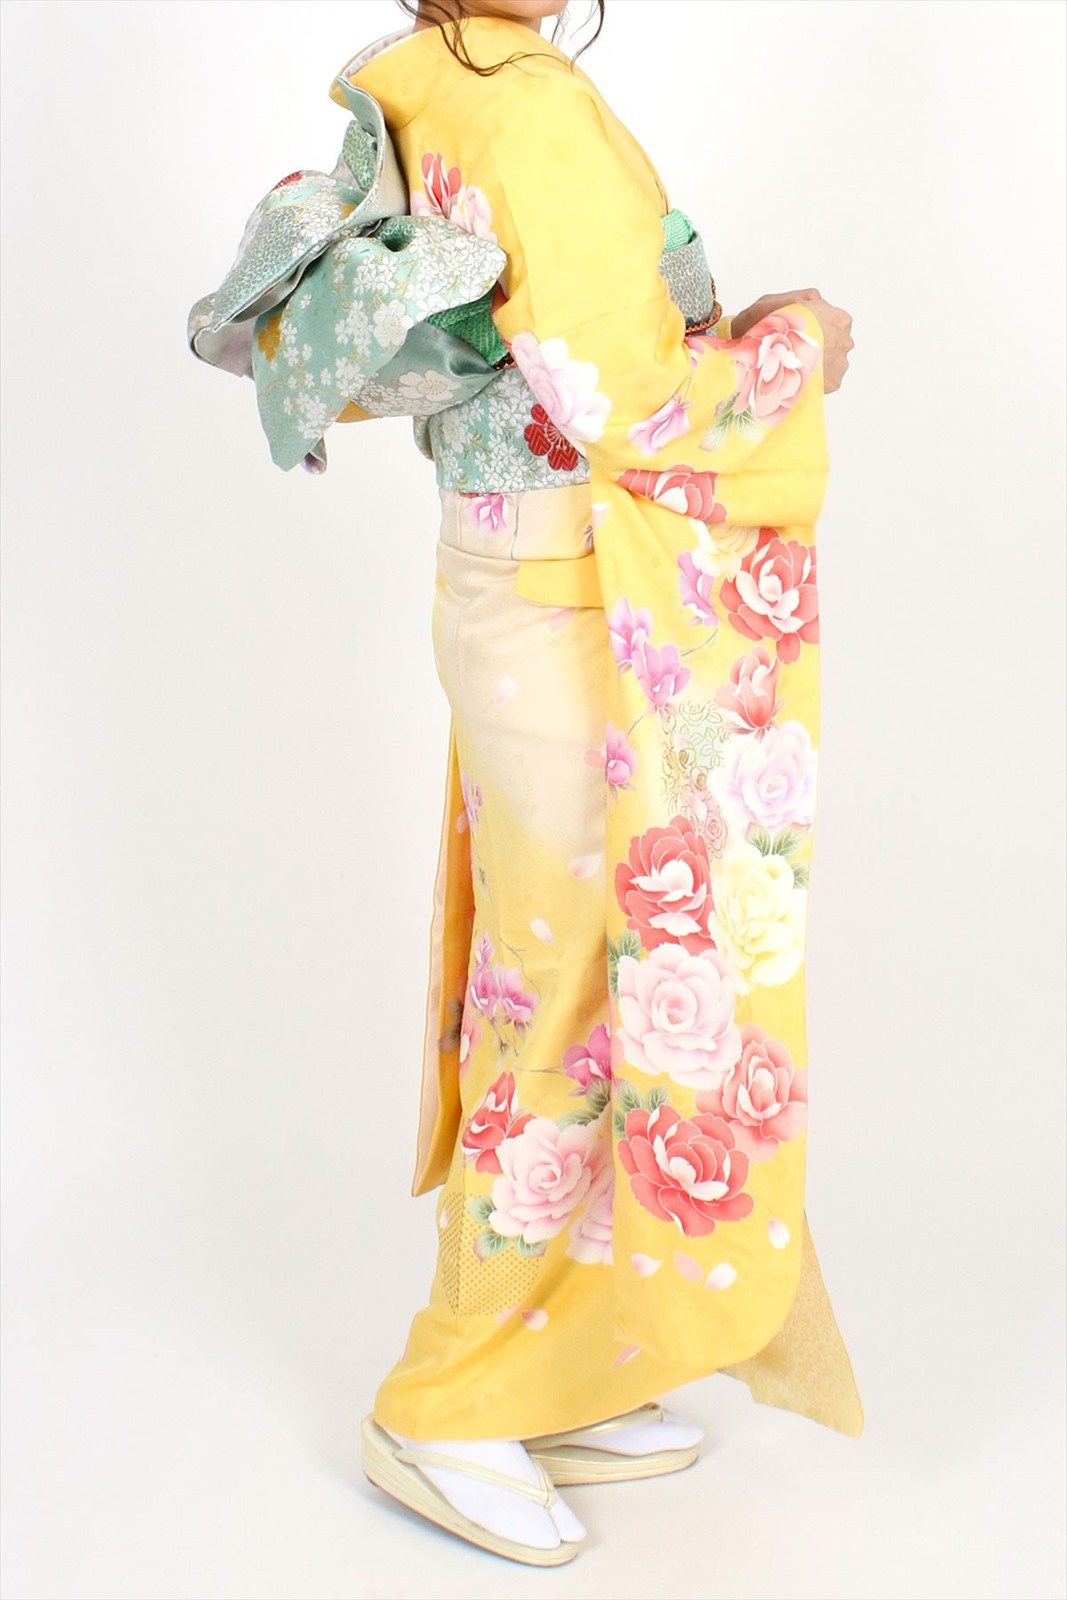 【成人式】 [安心の長期間レンタル]【対応身長150cm〜165cm】【正絹】レンタル振袖フルセット-408|花柄|モダン|ポップキュート|黄色系|ピンク系|洋花|